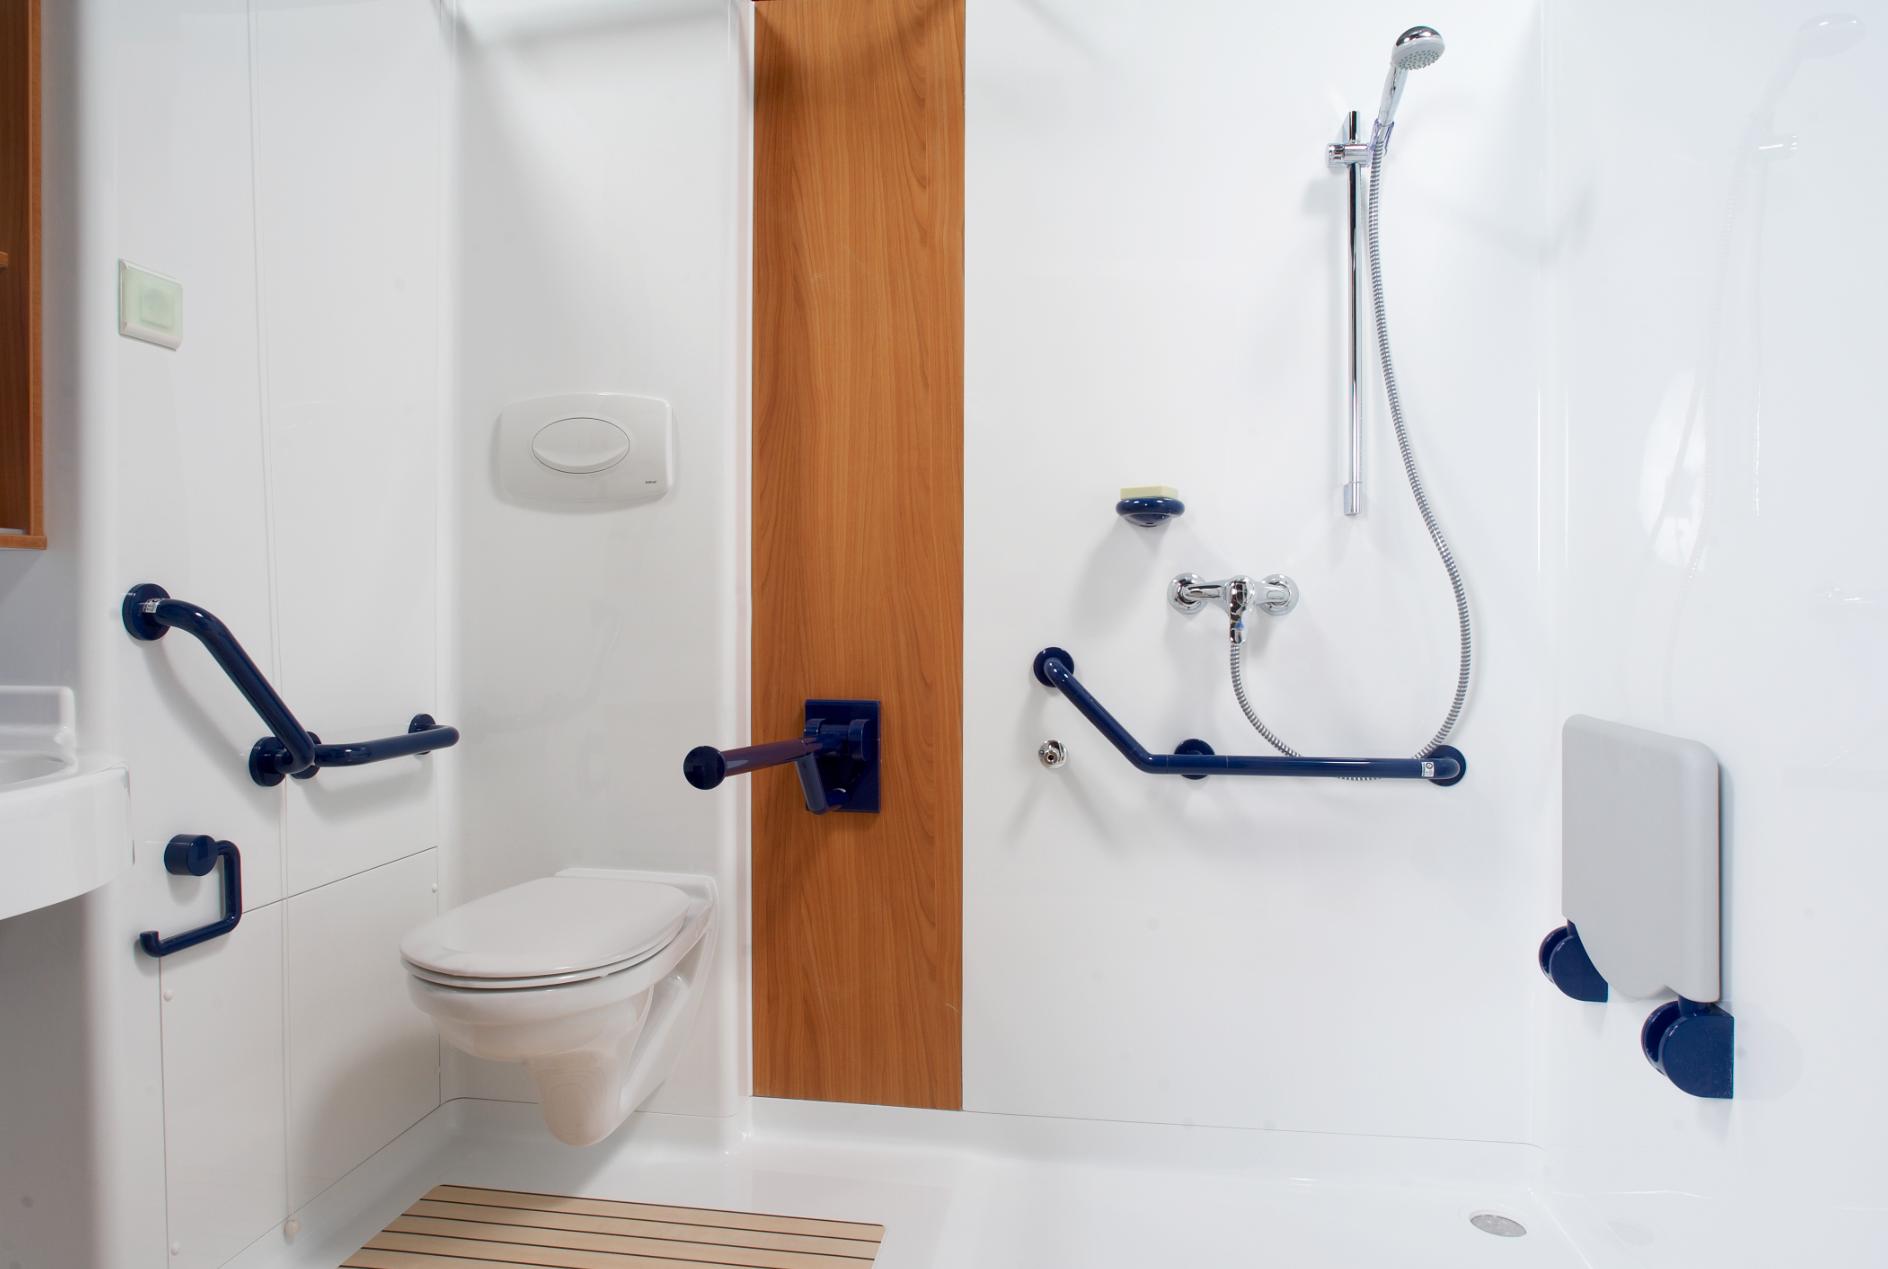 Salle de bain compl te adapt e pour les personnes en fauteuil roulant nos cabines sont - Prix salle de bain complete ...